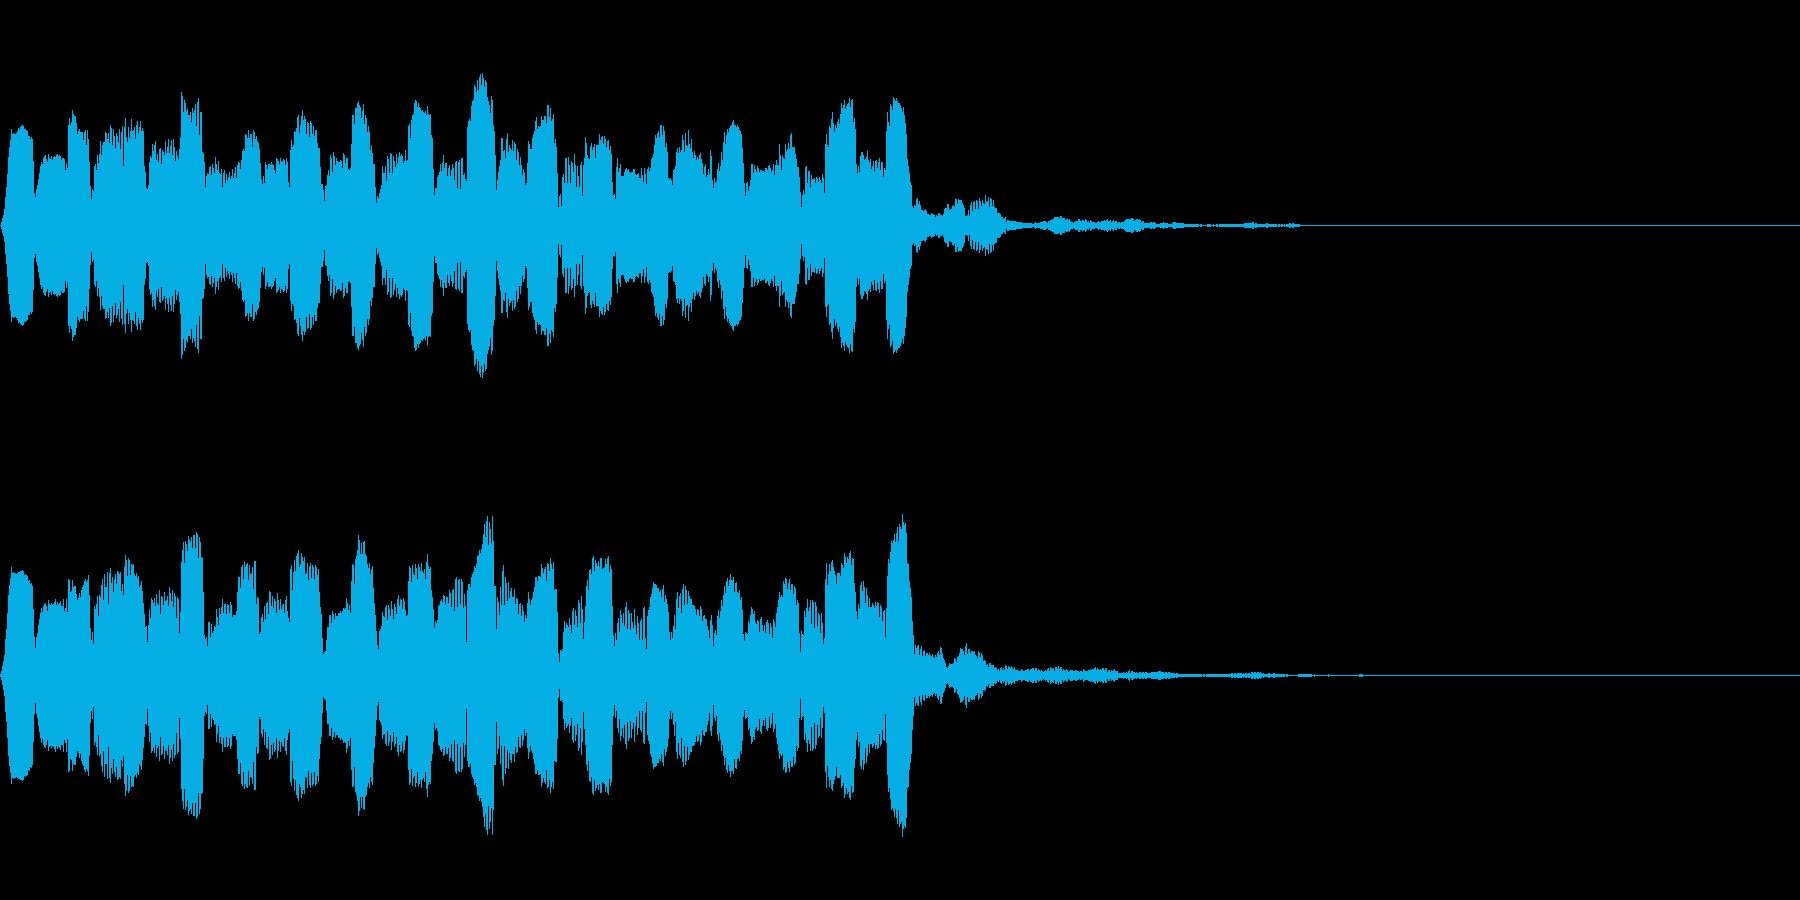 高音でやわらかいピヨピヨした音の再生済みの波形